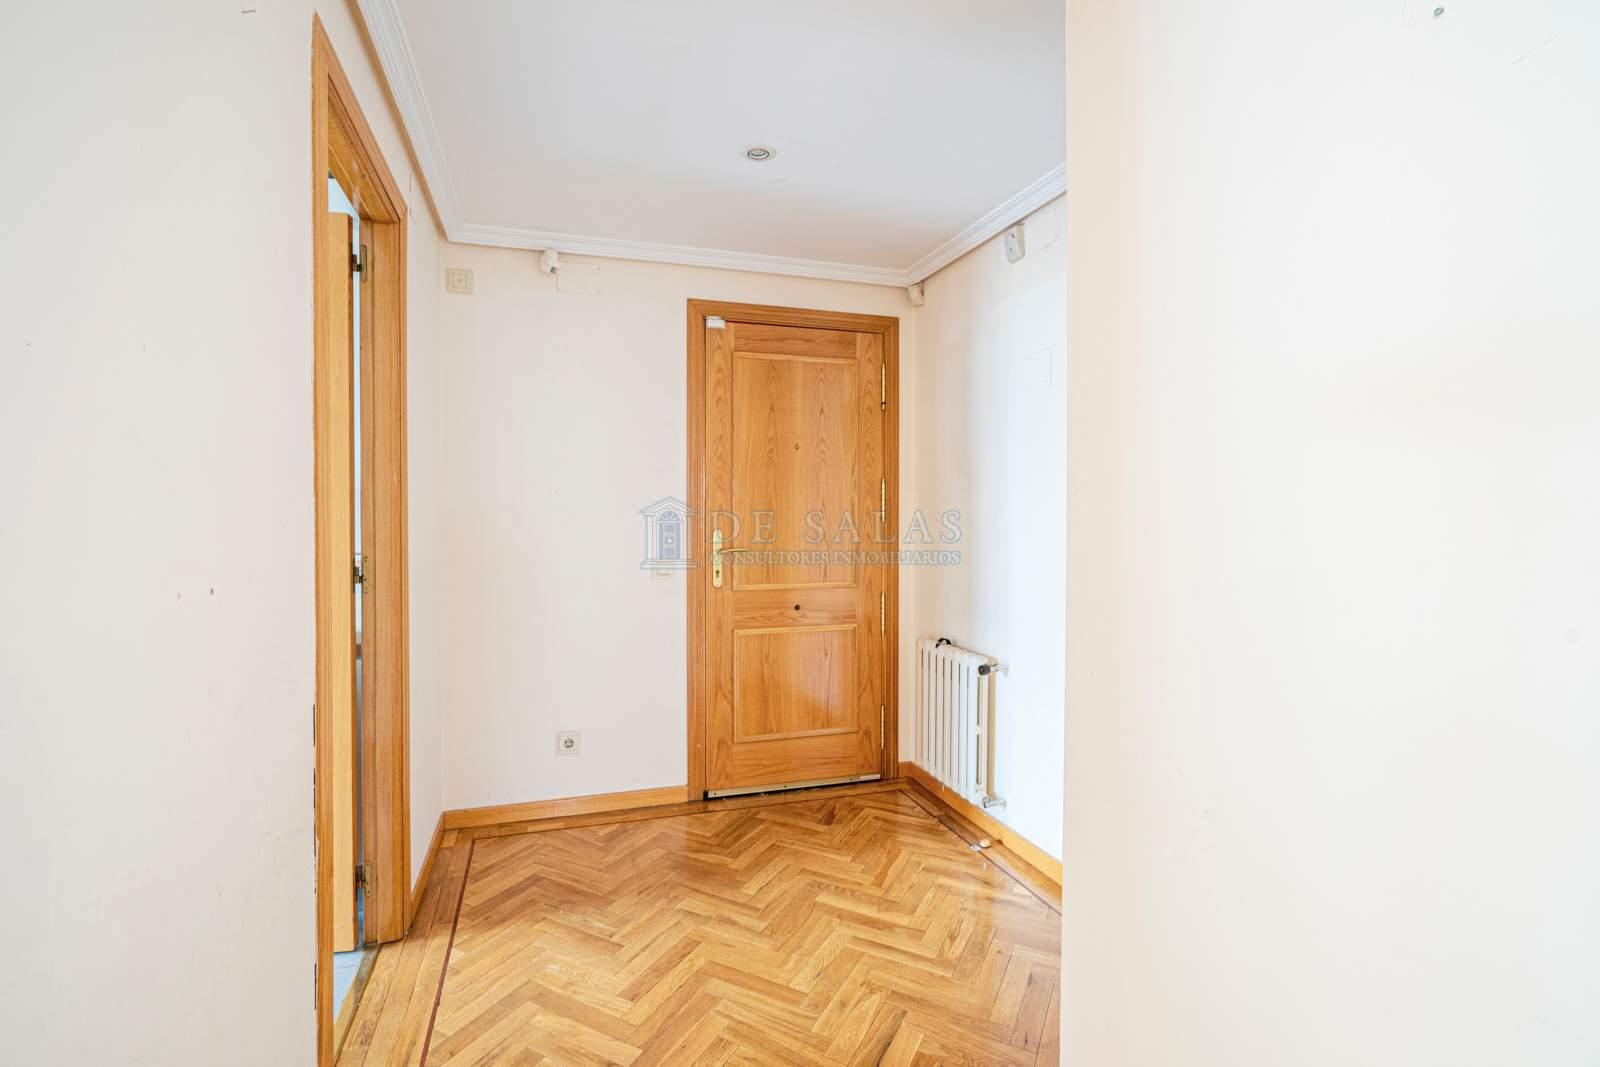 Dormitorio-0021 Appartement El Encinar de los Reyes